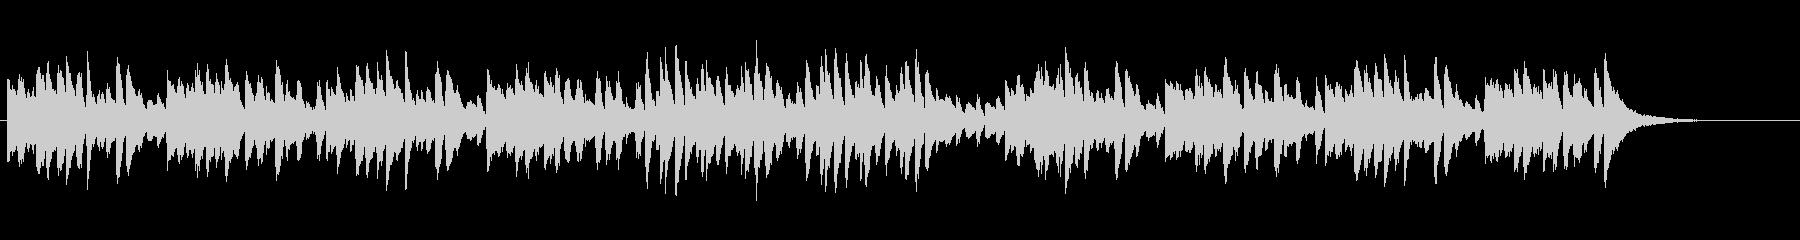 楽しく、幸せな、子供の音楽サイレン...の未再生の波形